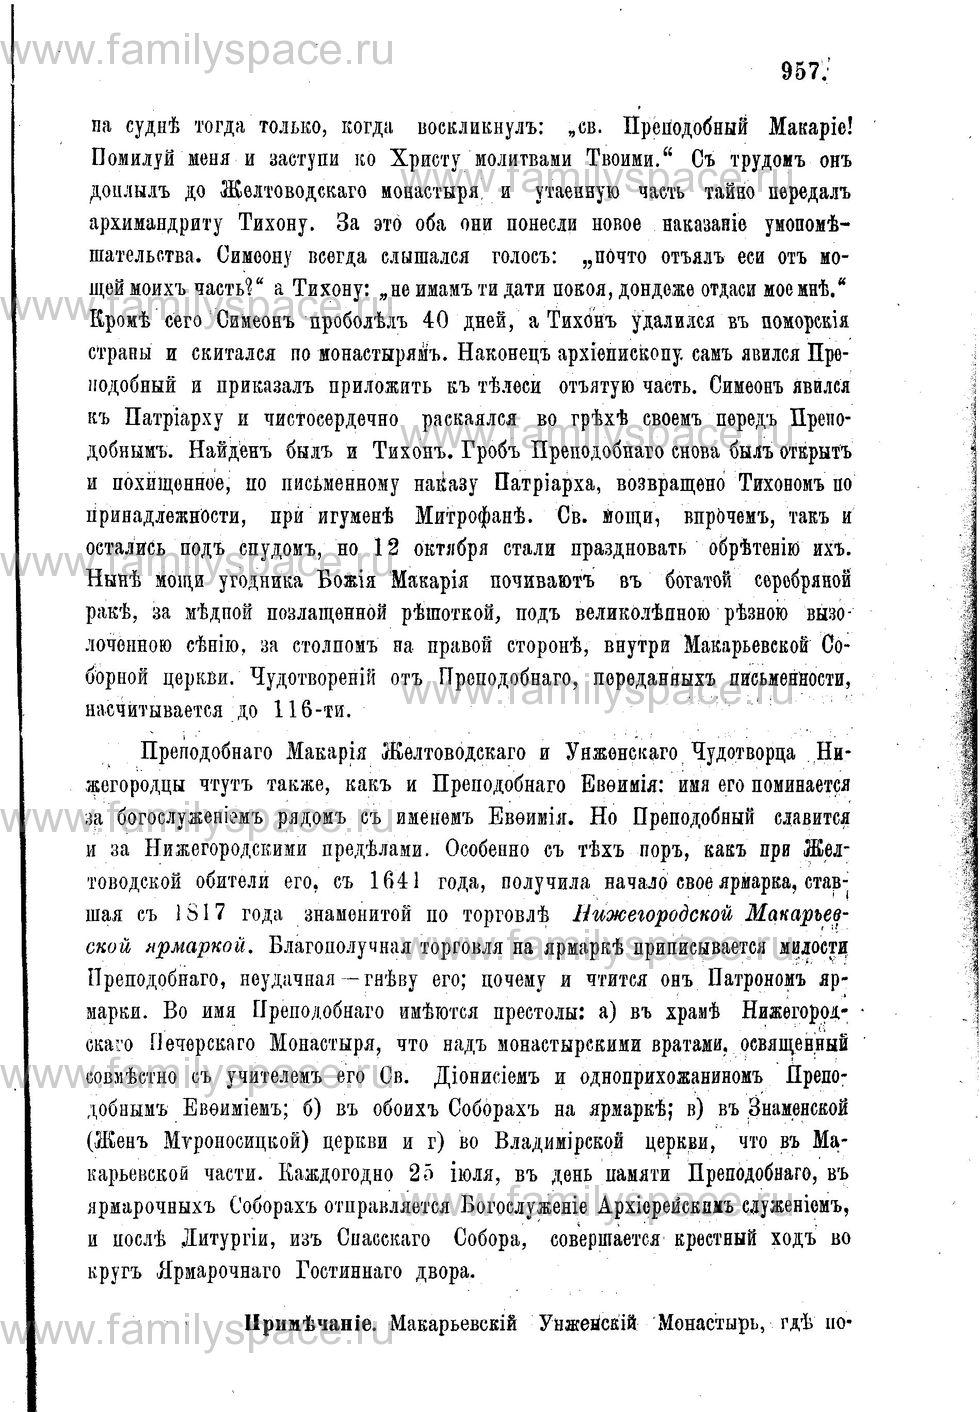 Поиск по фамилии - Адрес-календарь Нижегородской епархии на 1888 год, страница 1957